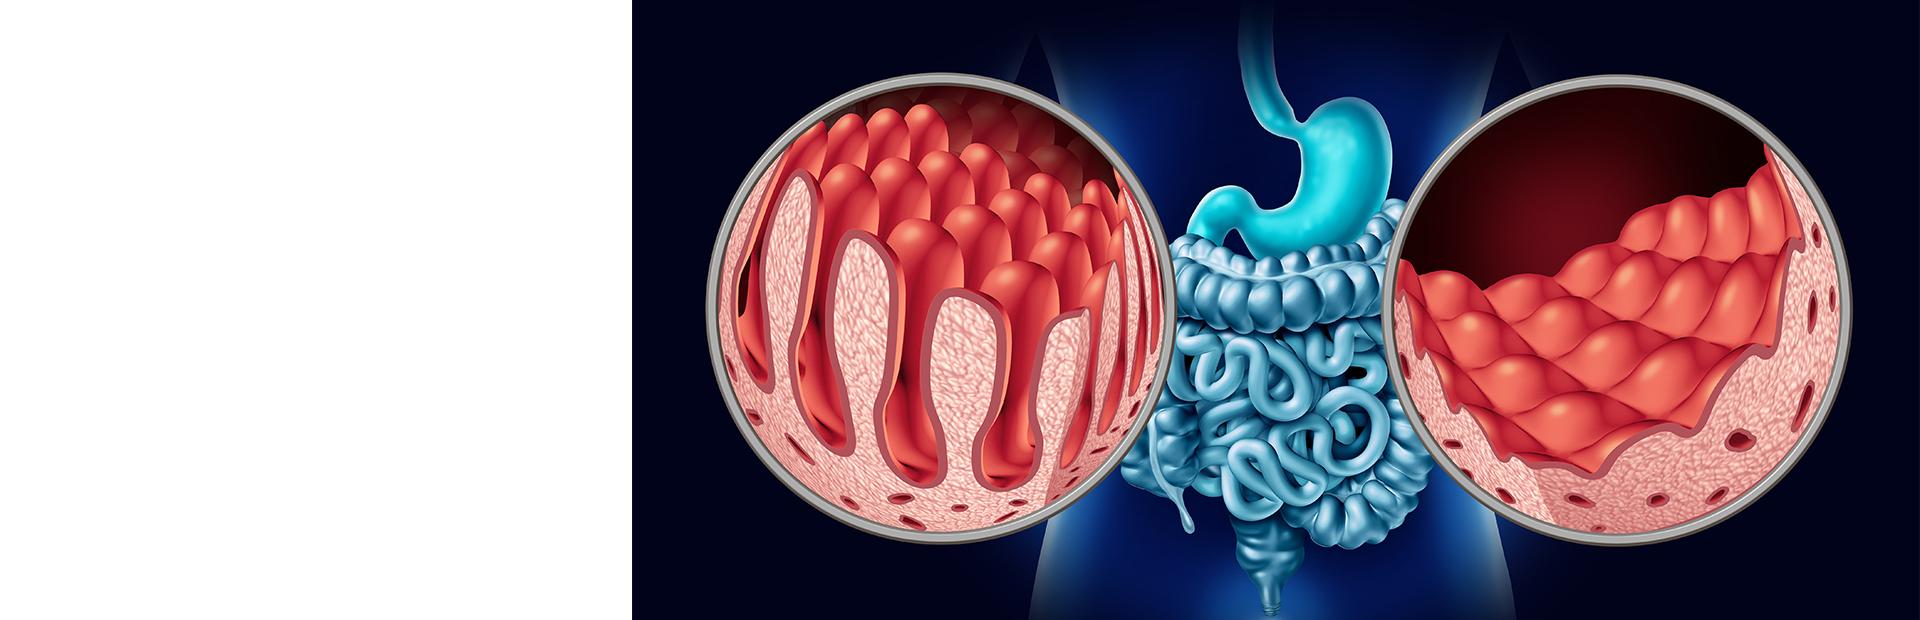 Аутоиммунные поражения желудочно-кишечного тракта. Целиакия